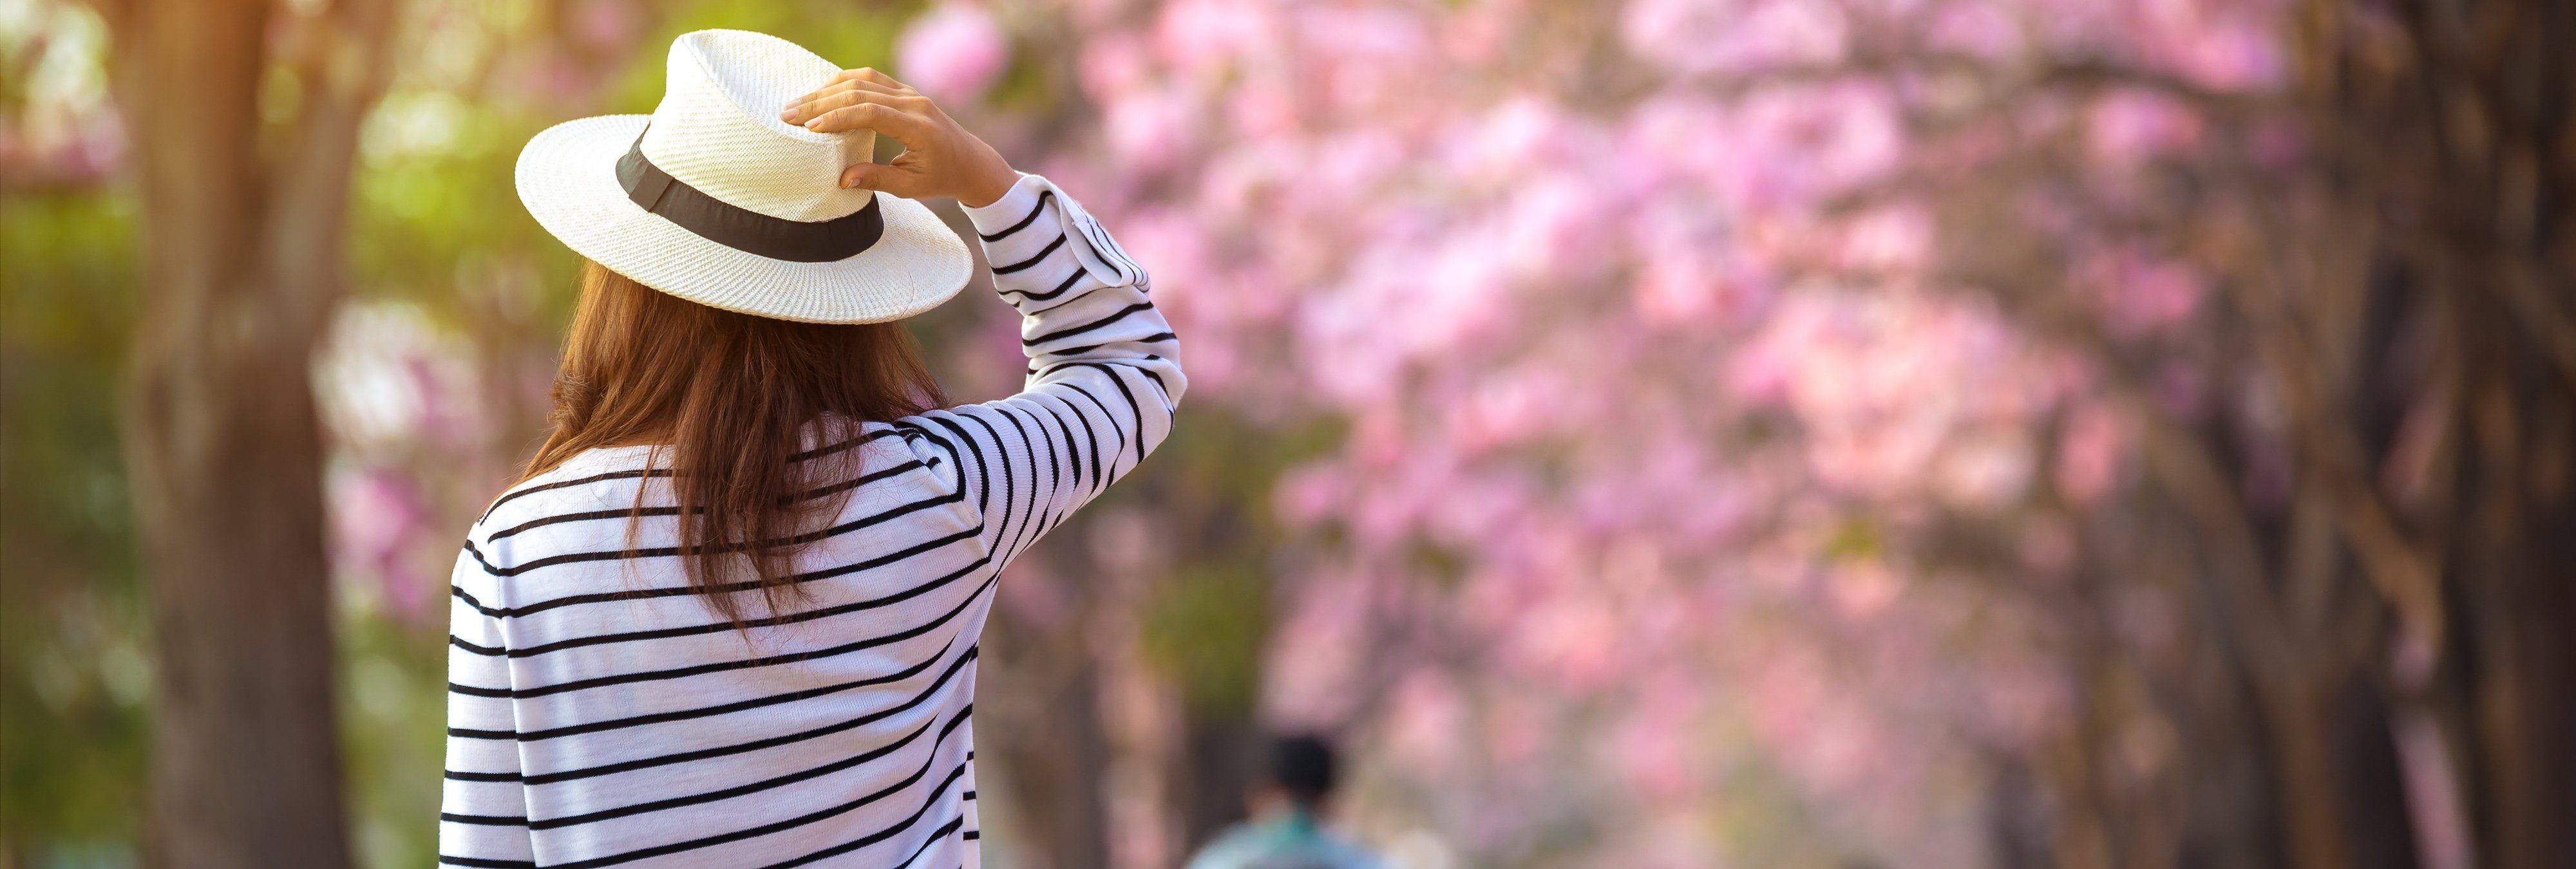 Cuando llega la primavera, la sangre se altera: 14 planes para disfrutar esta estación